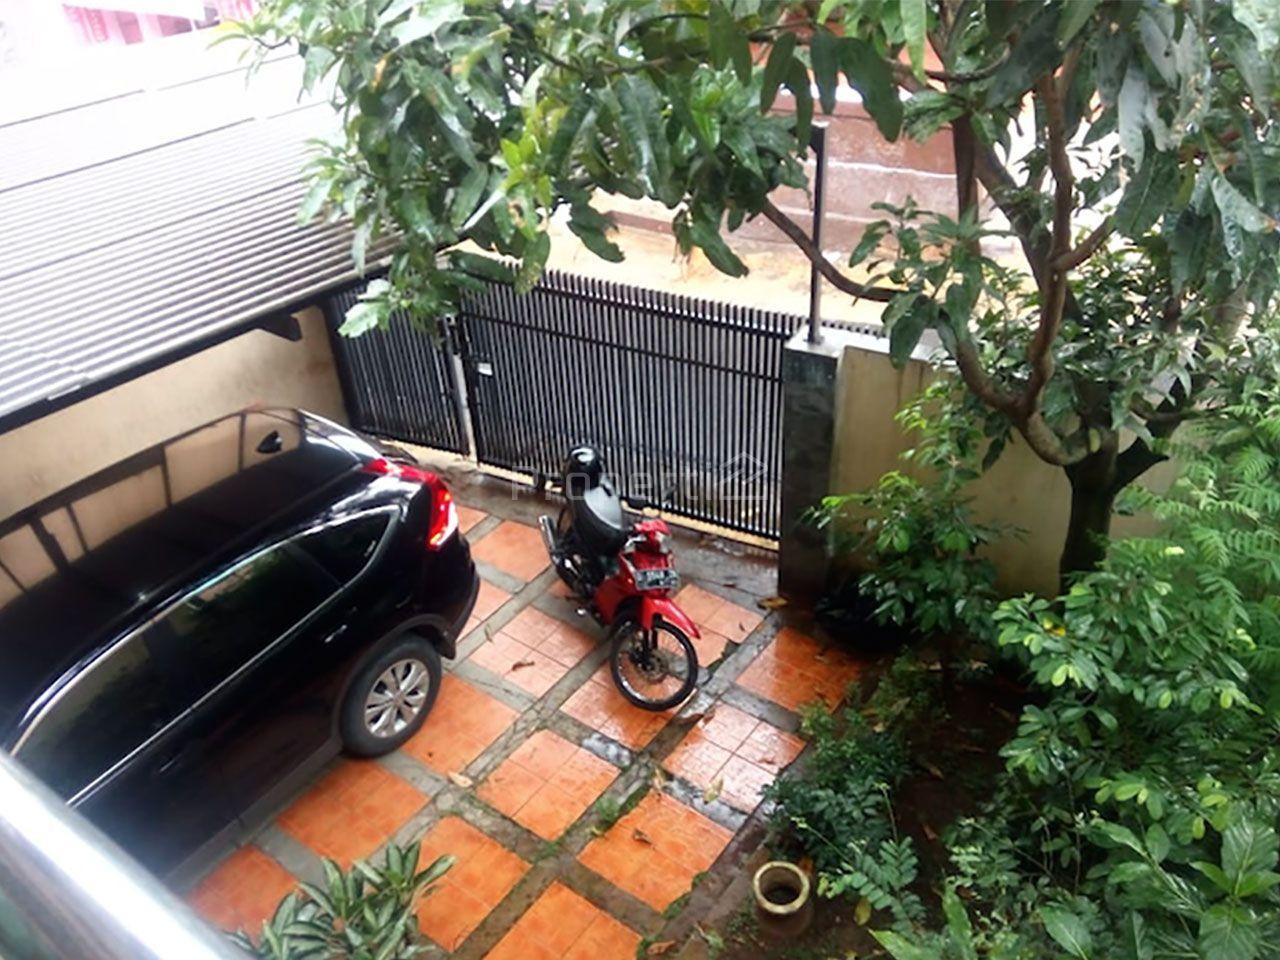 Rumah Pinggir Jalan di Sadangserang, Kota Bandung, Jawa Barat